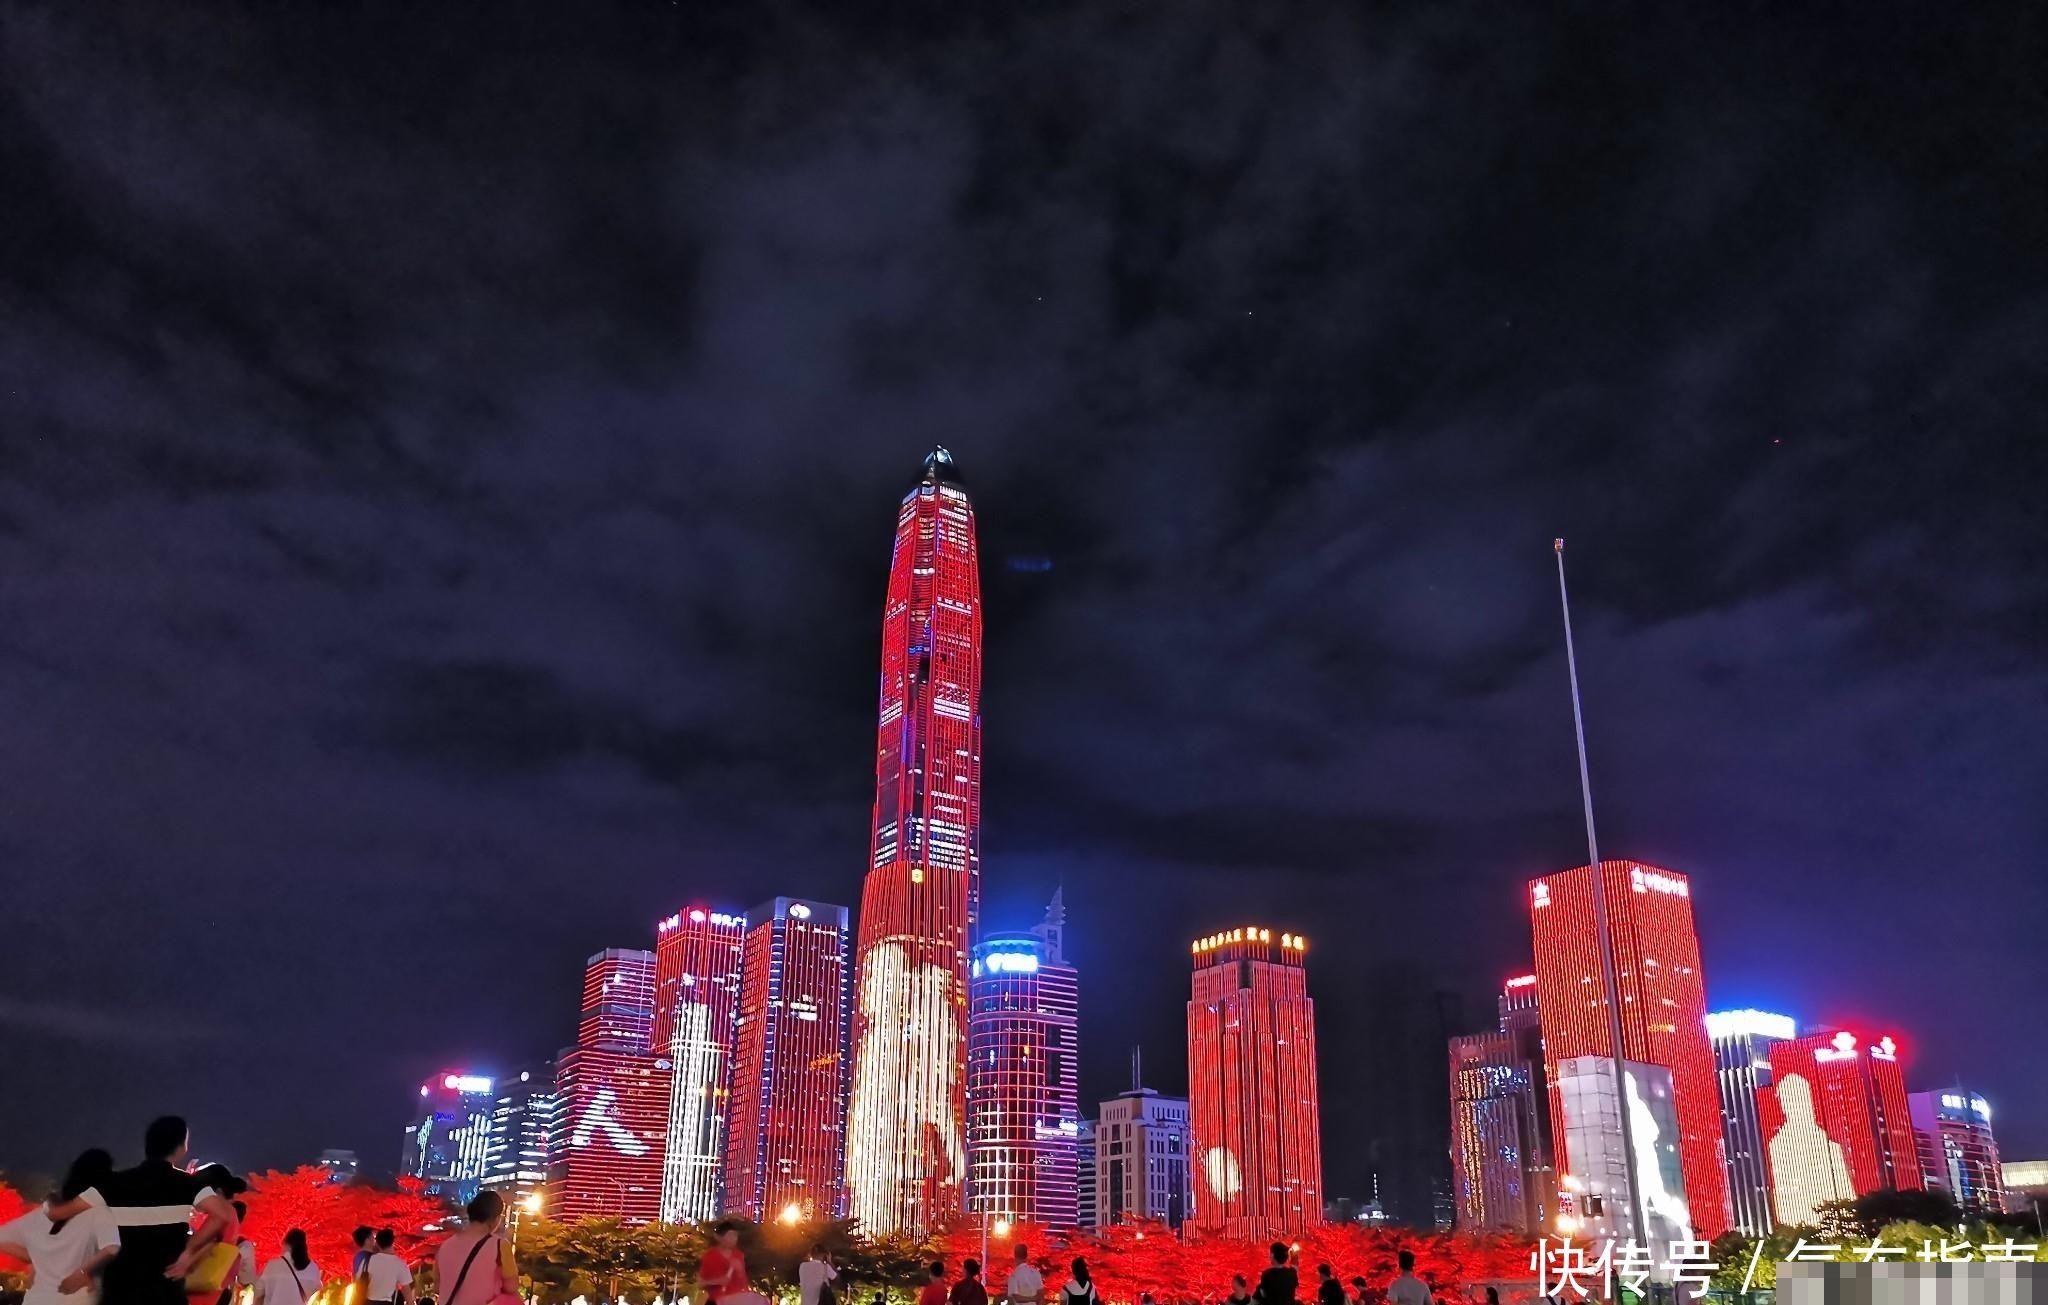 中国经济第一省近10万亿,超过世界90%国家,媲美韩国和俄罗斯